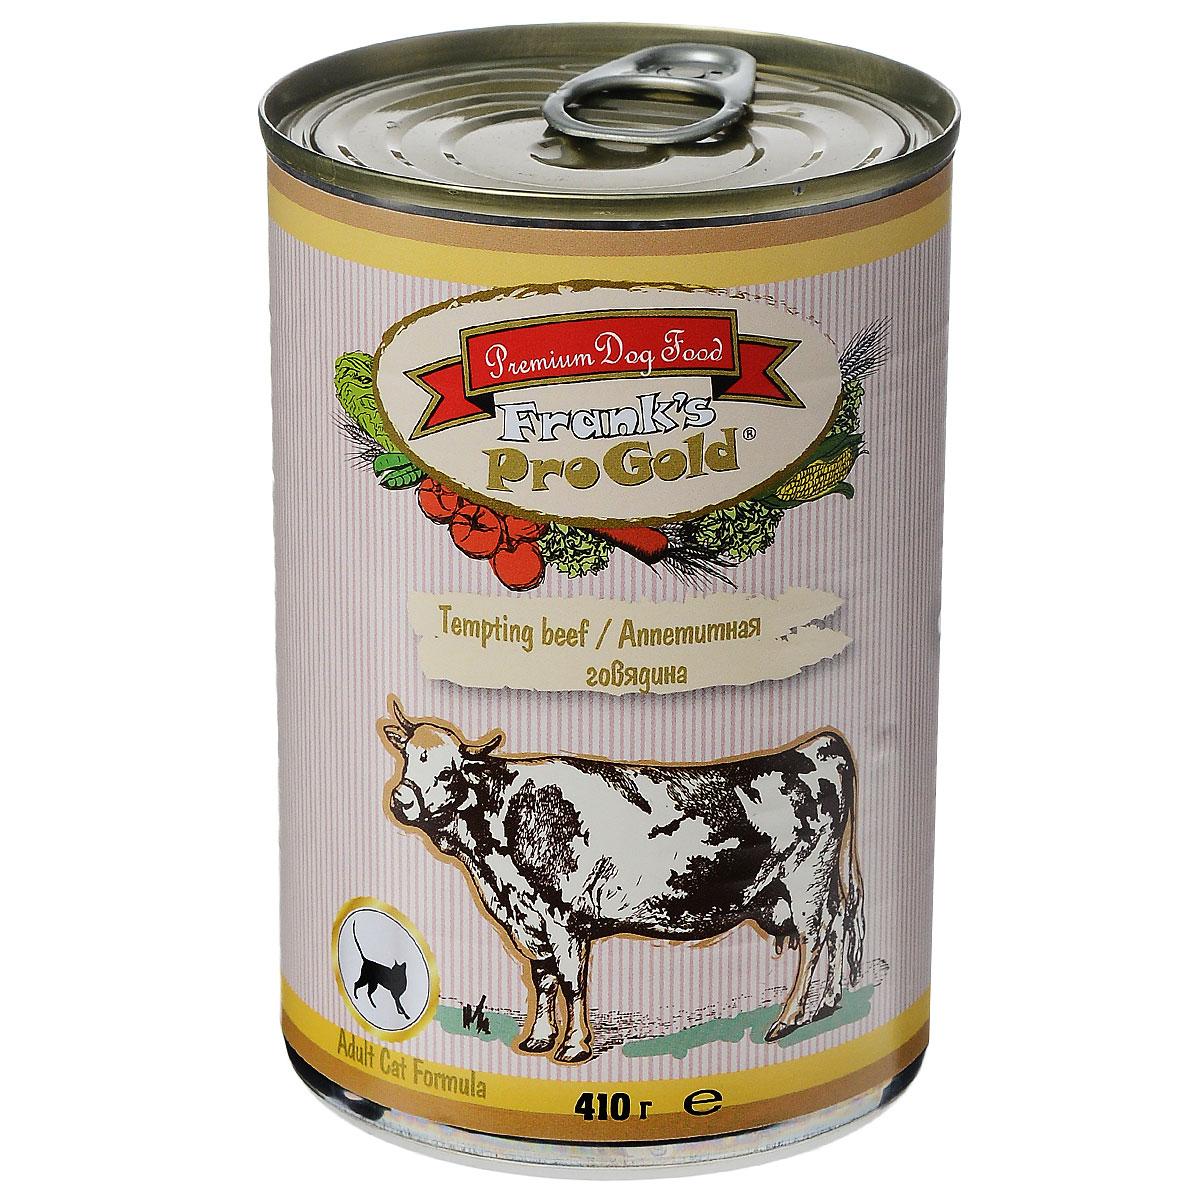 Консервы для кошек Franks ProGold, с говядиной, 410 г0120710Консервы для кошек Franks ProGold - полнорационный продукт, содержащий все необходимые витамины и минералы, сбалансированный для поддержания оптимального здоровья вашего питомца! Ваш любимец, безусловно, оценит нежнейшие кусочки мяса в желе! Произведенные из натуральных ингредиентов, консервы Franks Pro Gold не содержат ГМО, сою, искусственных красителей, консервантов и усилителей вкуса. Состав: мясо курицы, говядина, мясо и его производные, злаки, витамины и минералы. Пищевая ценность: влажность 81%,белки 6,5%, жиры 4,5%, зола 2%, клетчатка 0,5%. Добавки: витамин A 1600 IU, витамин D 140 IU, витамин E 10 IU, таурин 300 мг/кг, железо E1 24 мг/кг, марганец E5 6 мг/кг, цинк E6 15 мг/кг, йодин E2 0,3 мг/кг. Калорийность: 393,6 ккал. Товар сертифицирован.